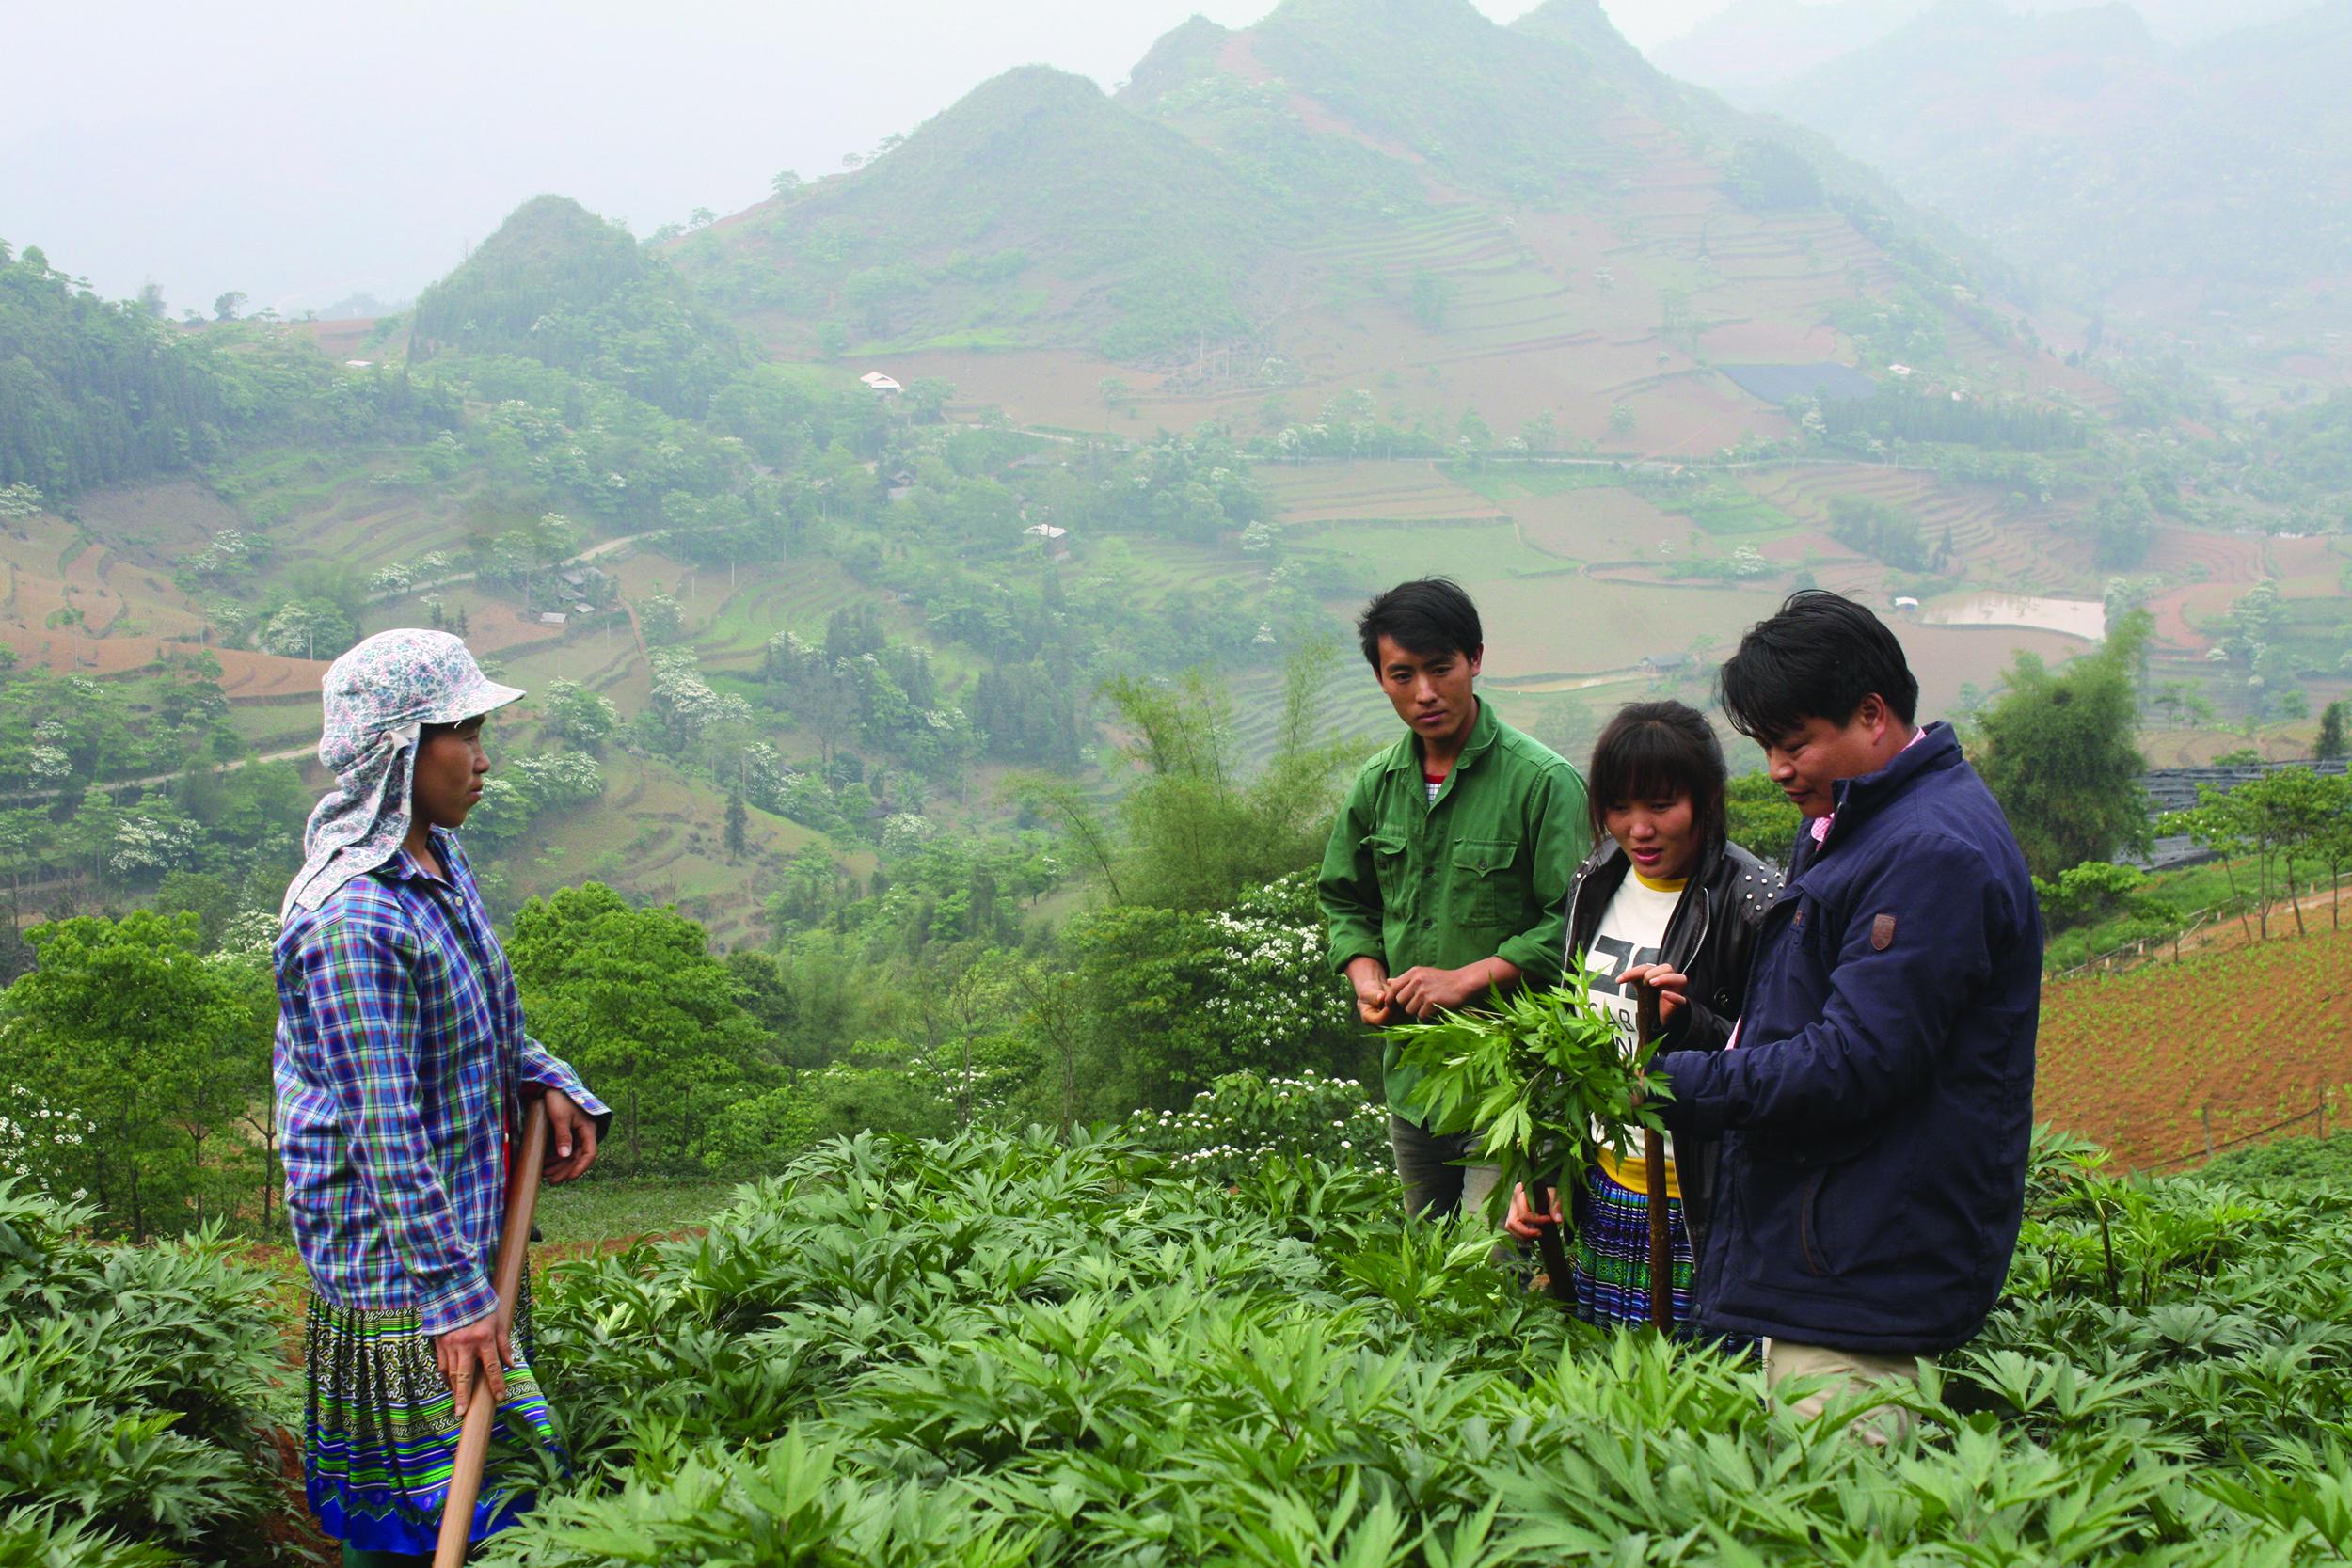 Mô hình trồng dược liệu đang mở ra hướng thoát nghèo bền vững cho đồng bào DTTS huyện Si Ma Cai.